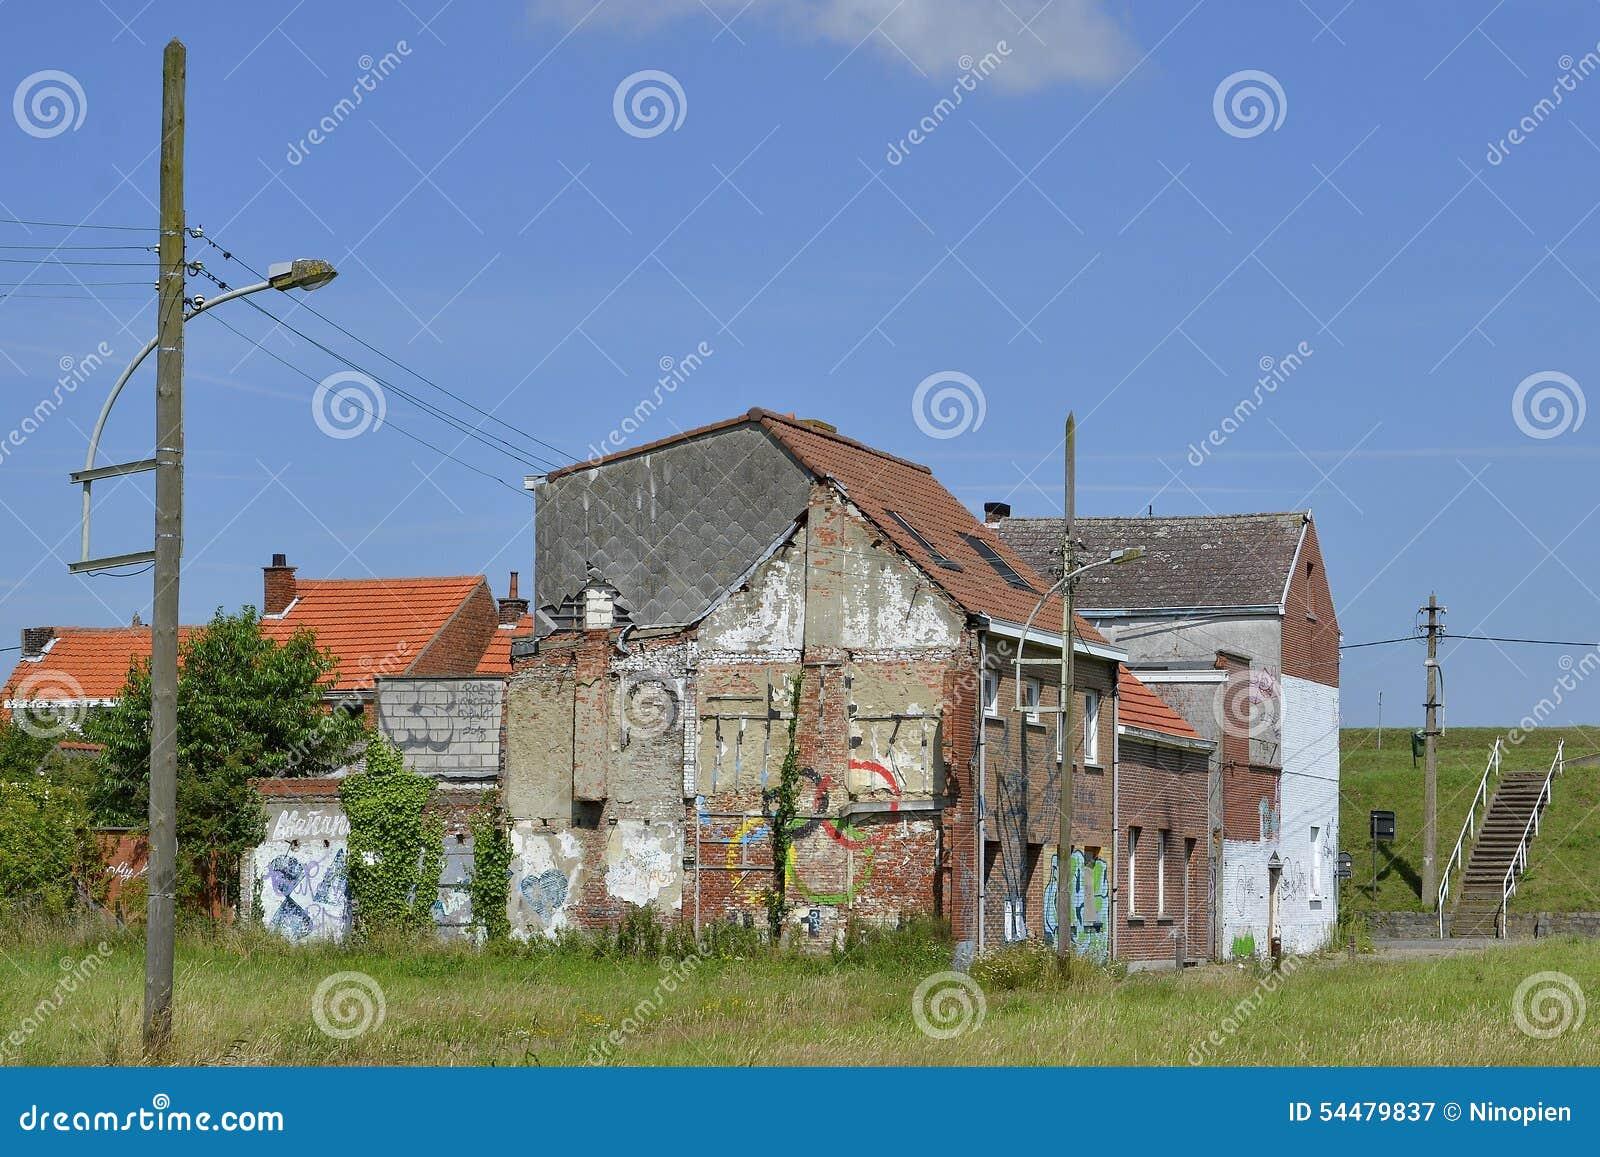 Maisons abandonn es et d molies doel belgique photographie ditorial imag - Maisons abandonnees belgique ...